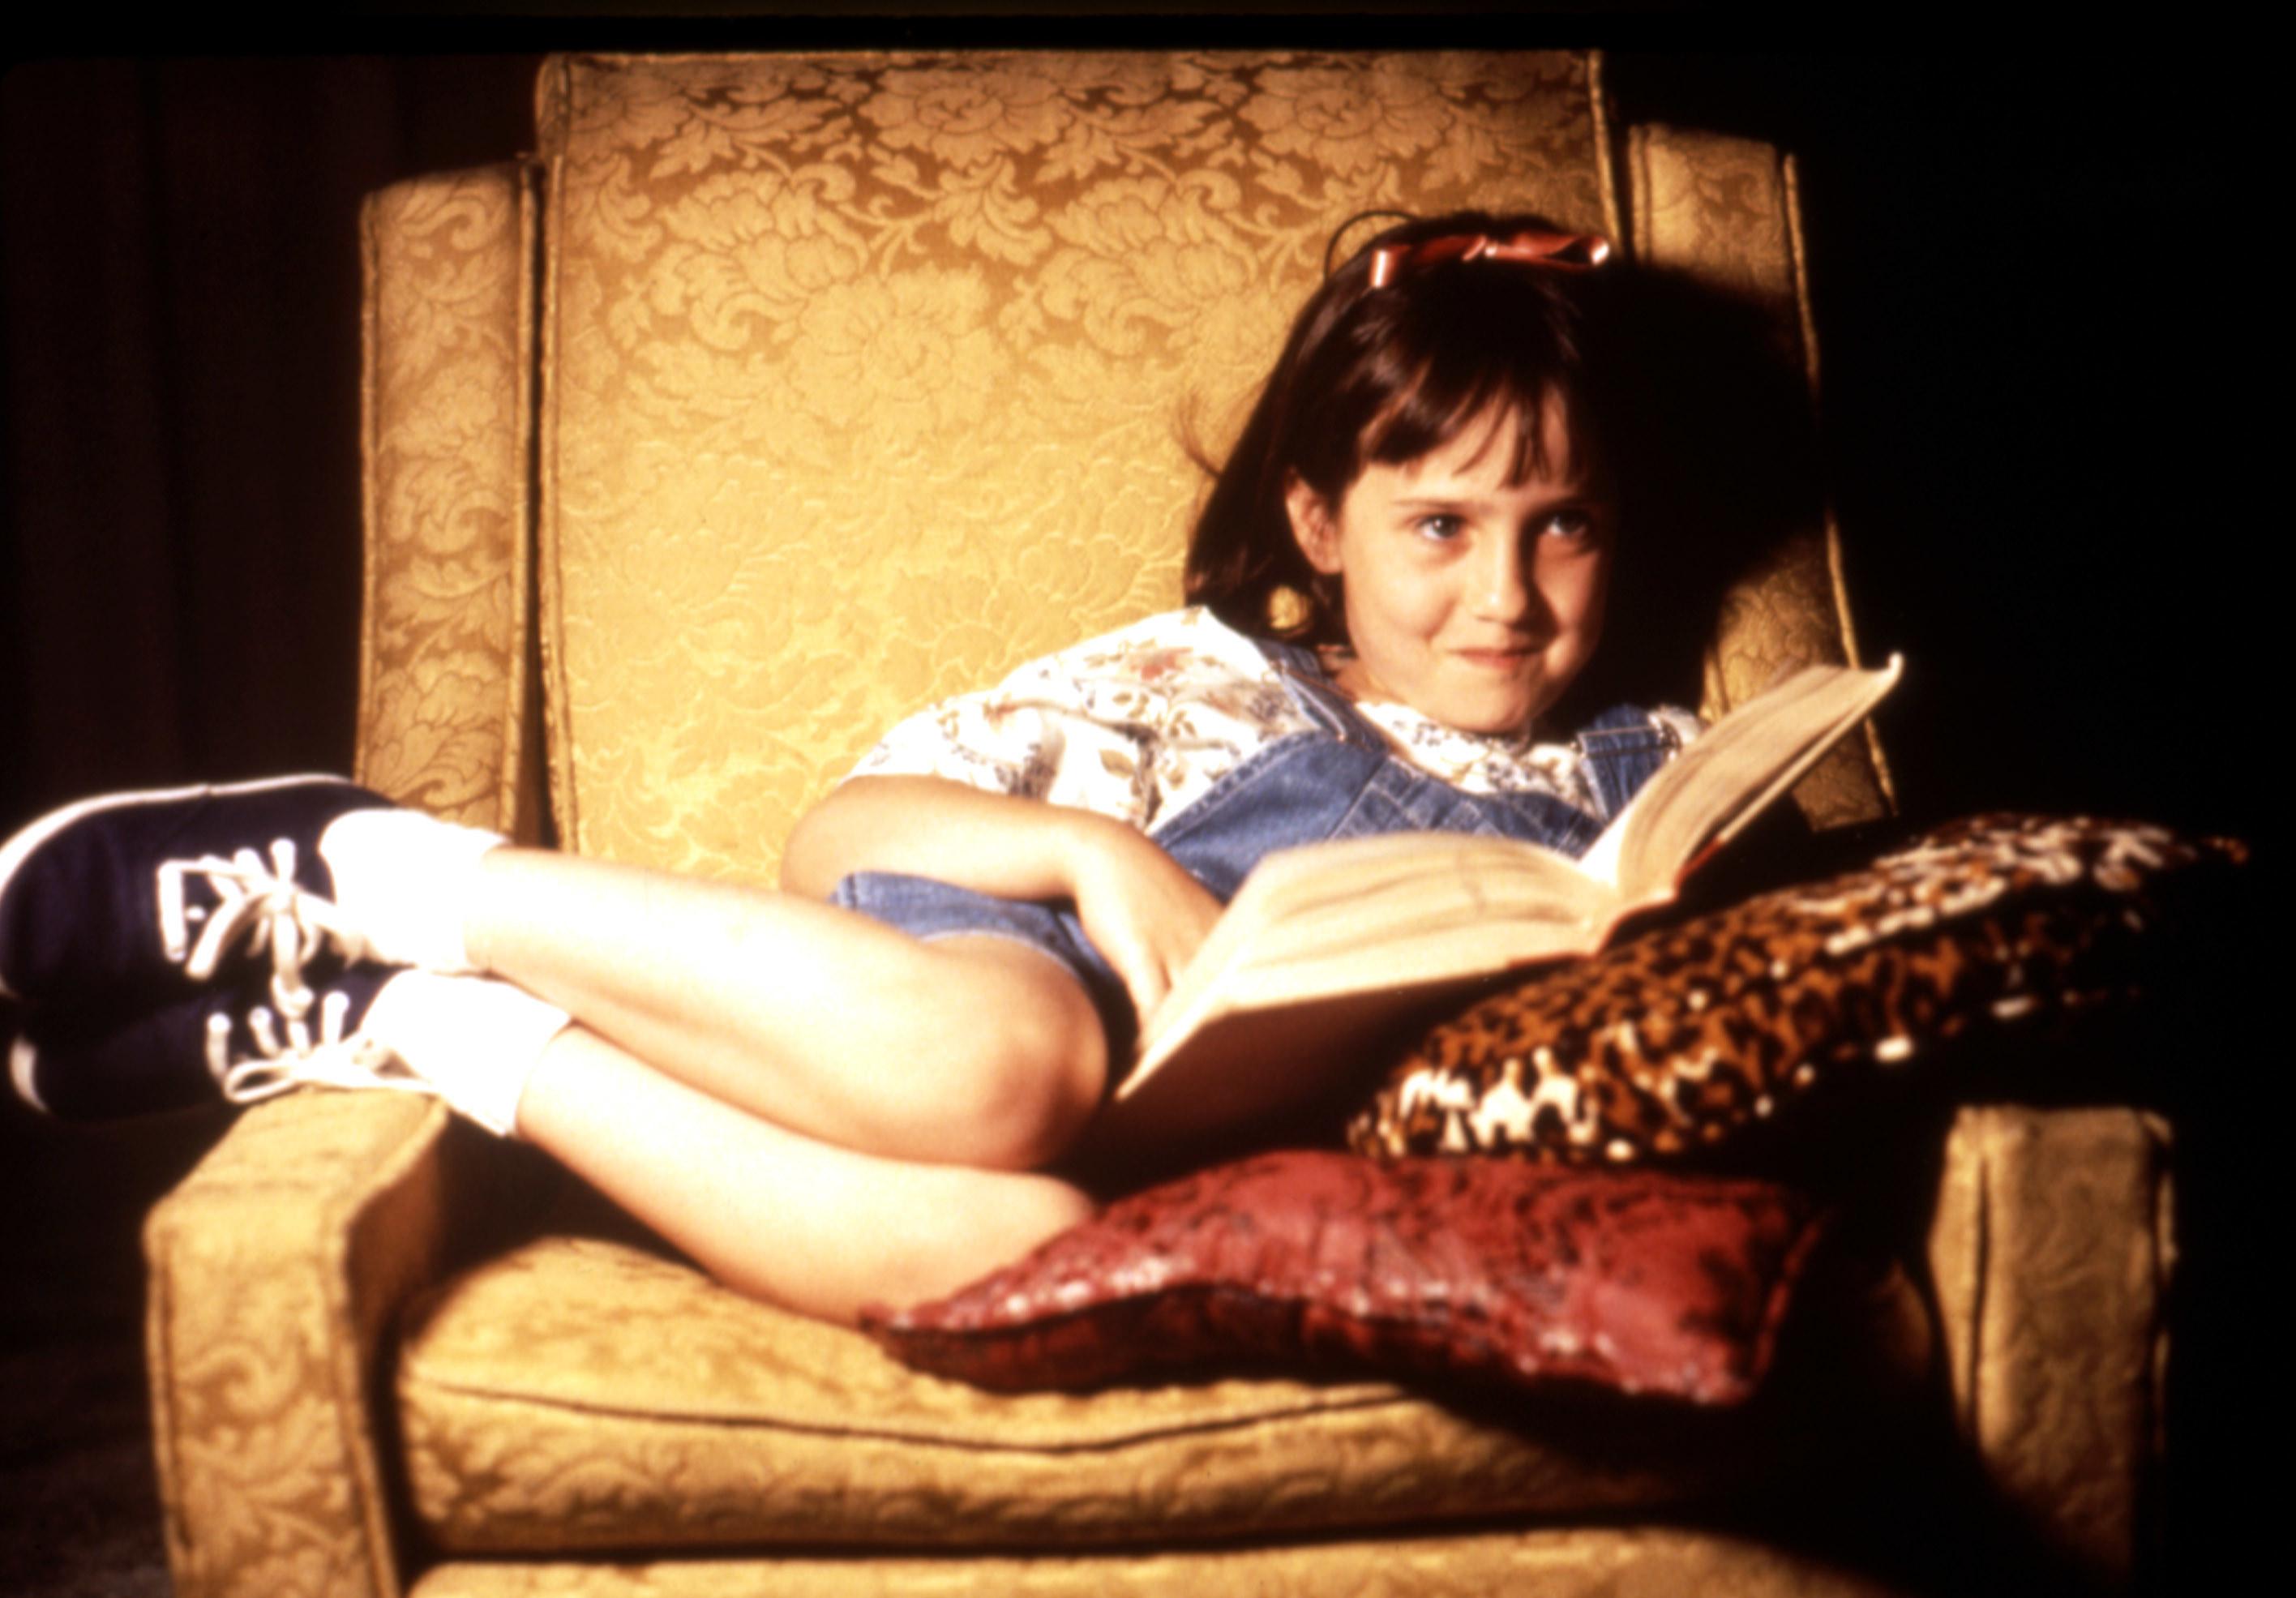 Mara Wilson as Matilda, reading in a chair